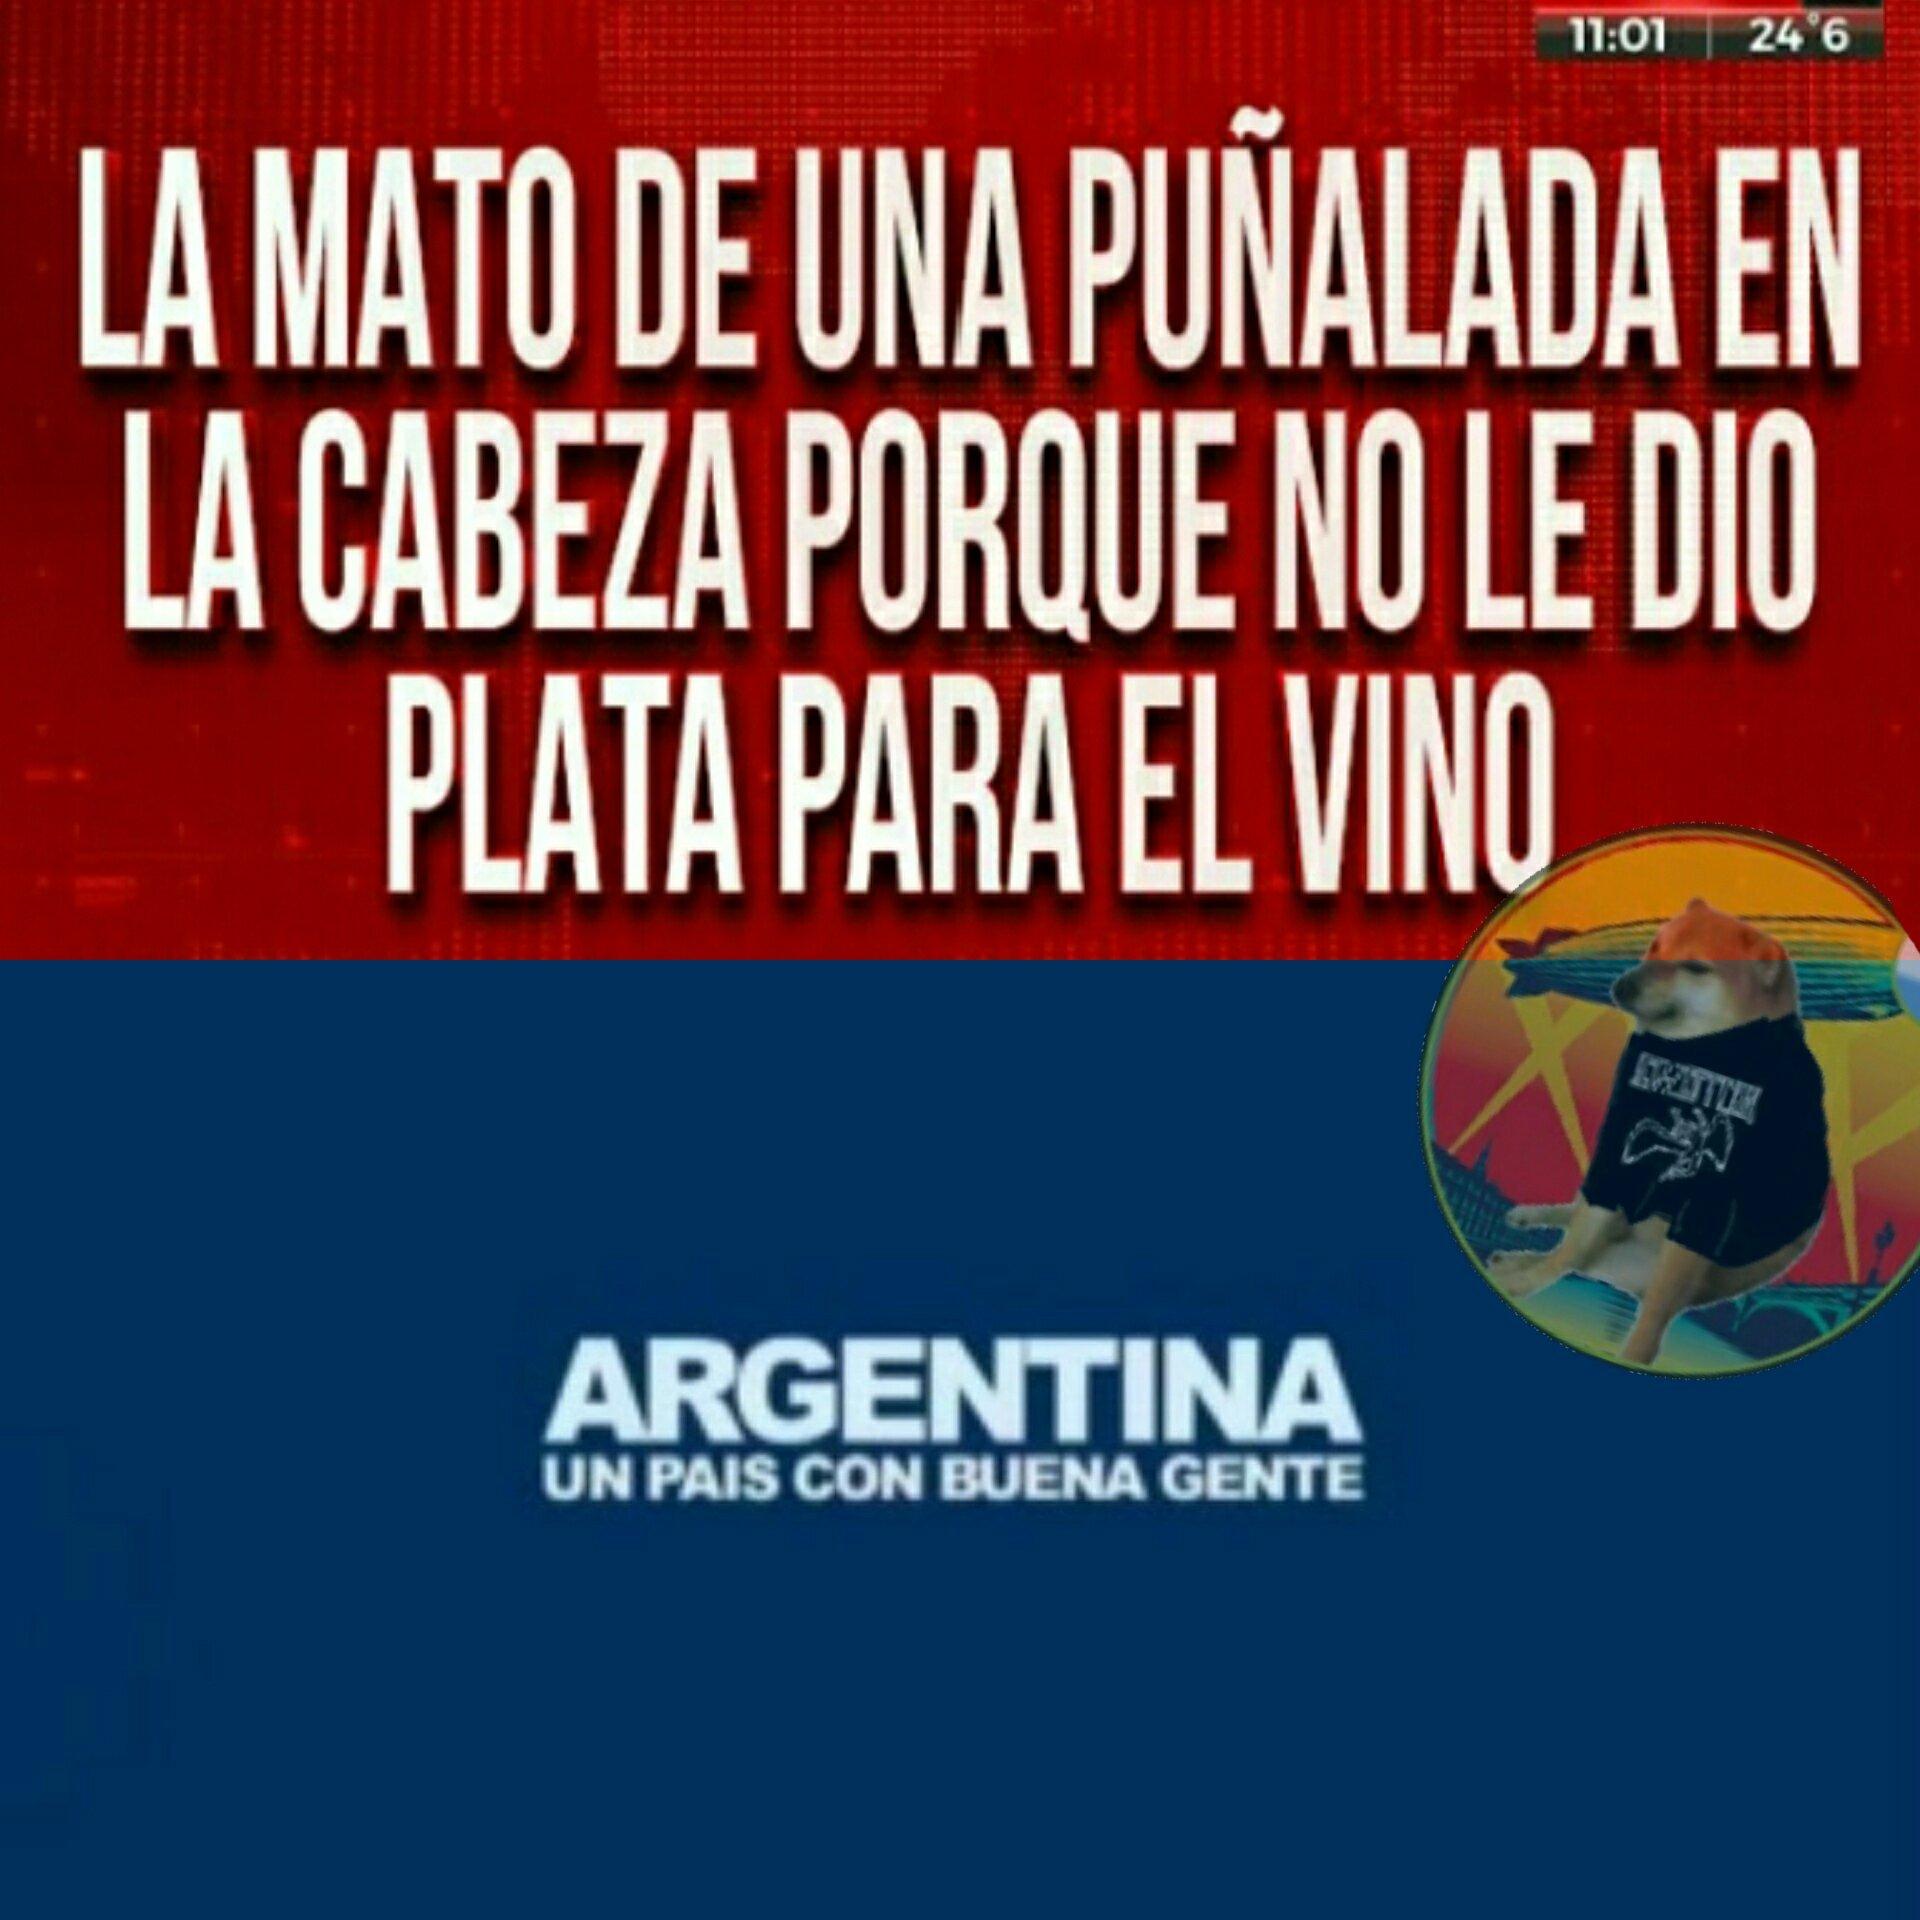 Vamos Argentina - meme